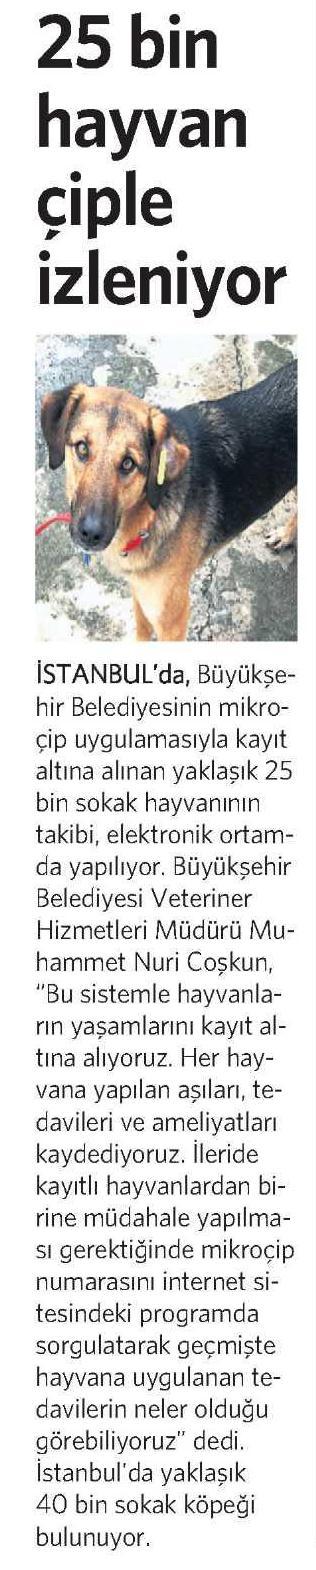 25.04.2013_oncevatan_hayvan_cip